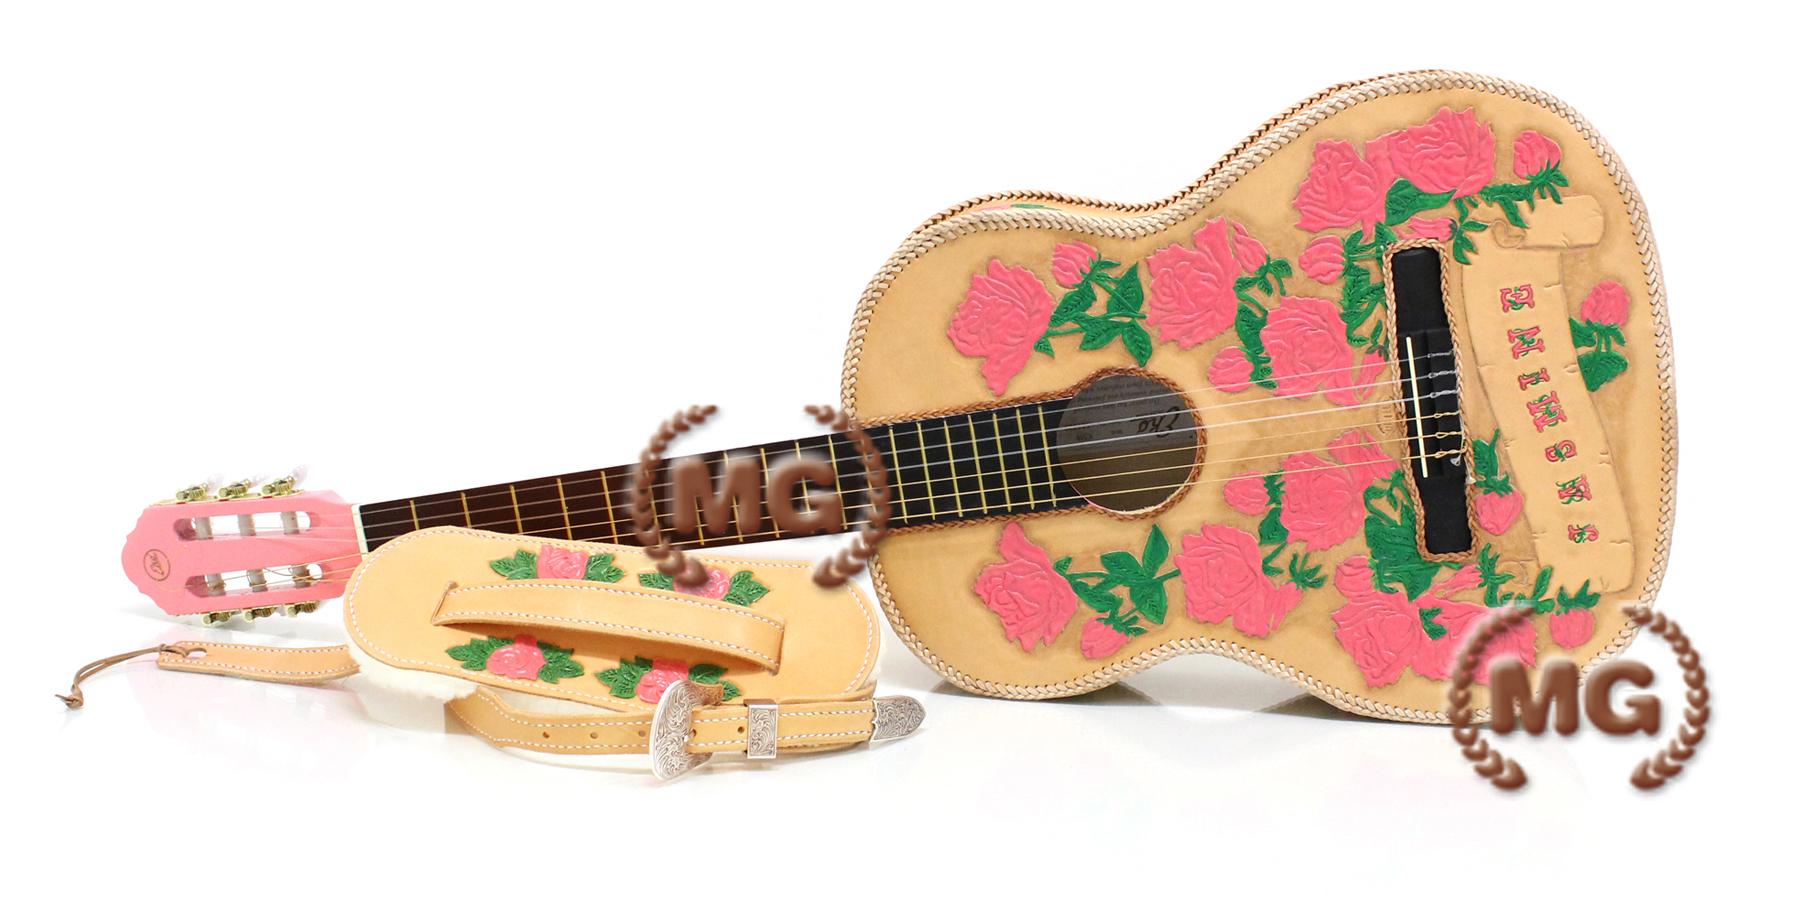 Oggetti in cuoio chitarra classica rivestita in cuoio for Oggetti in cuoio